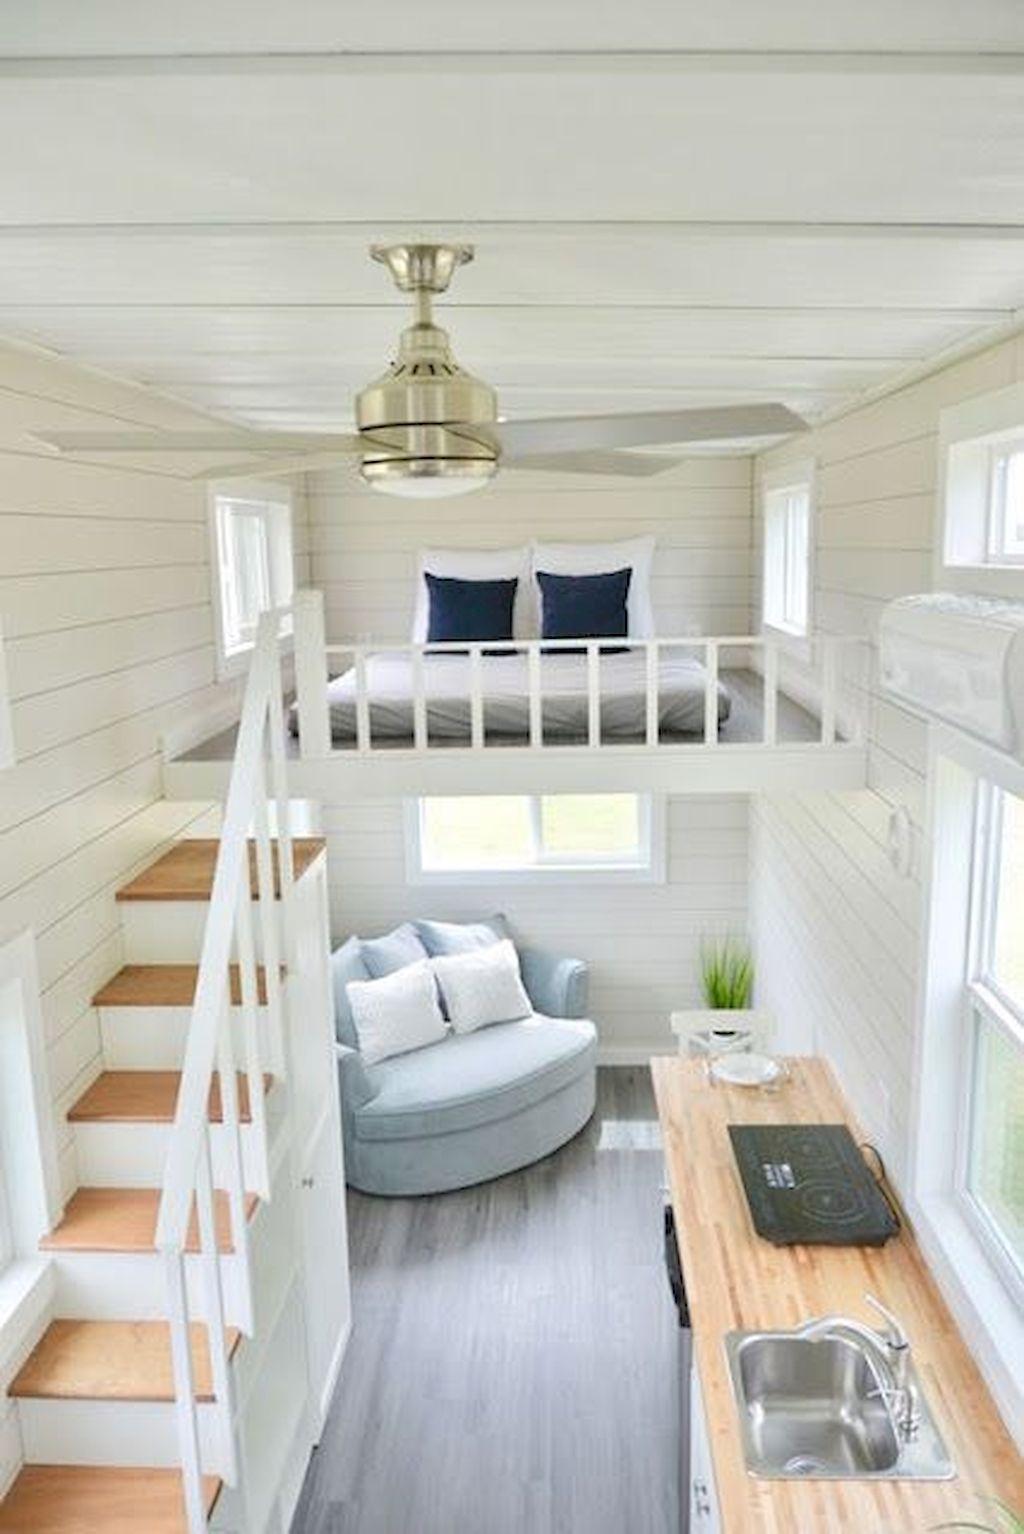 70 Clever Tiny House Interior Design Ideas Tiny House Decor Tiny House Interior Design Best Tiny House